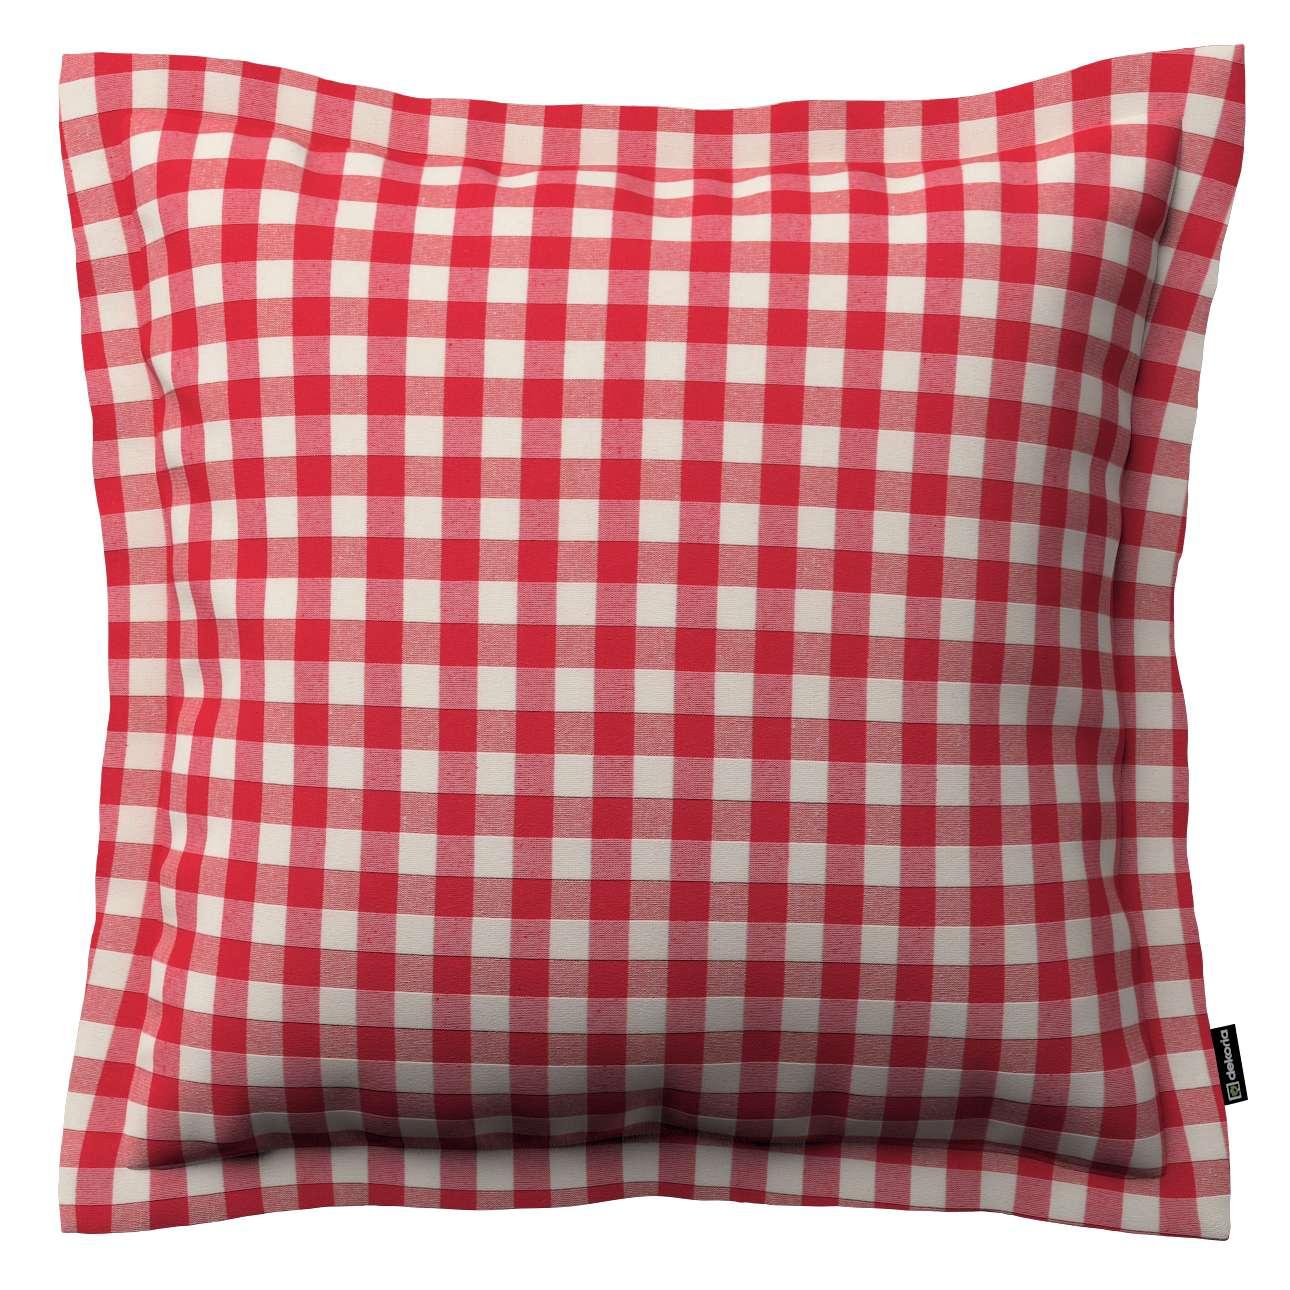 Poszewka Mona na poduszkę 45x45 cm w kolekcji Quadro, tkanina: 136-16